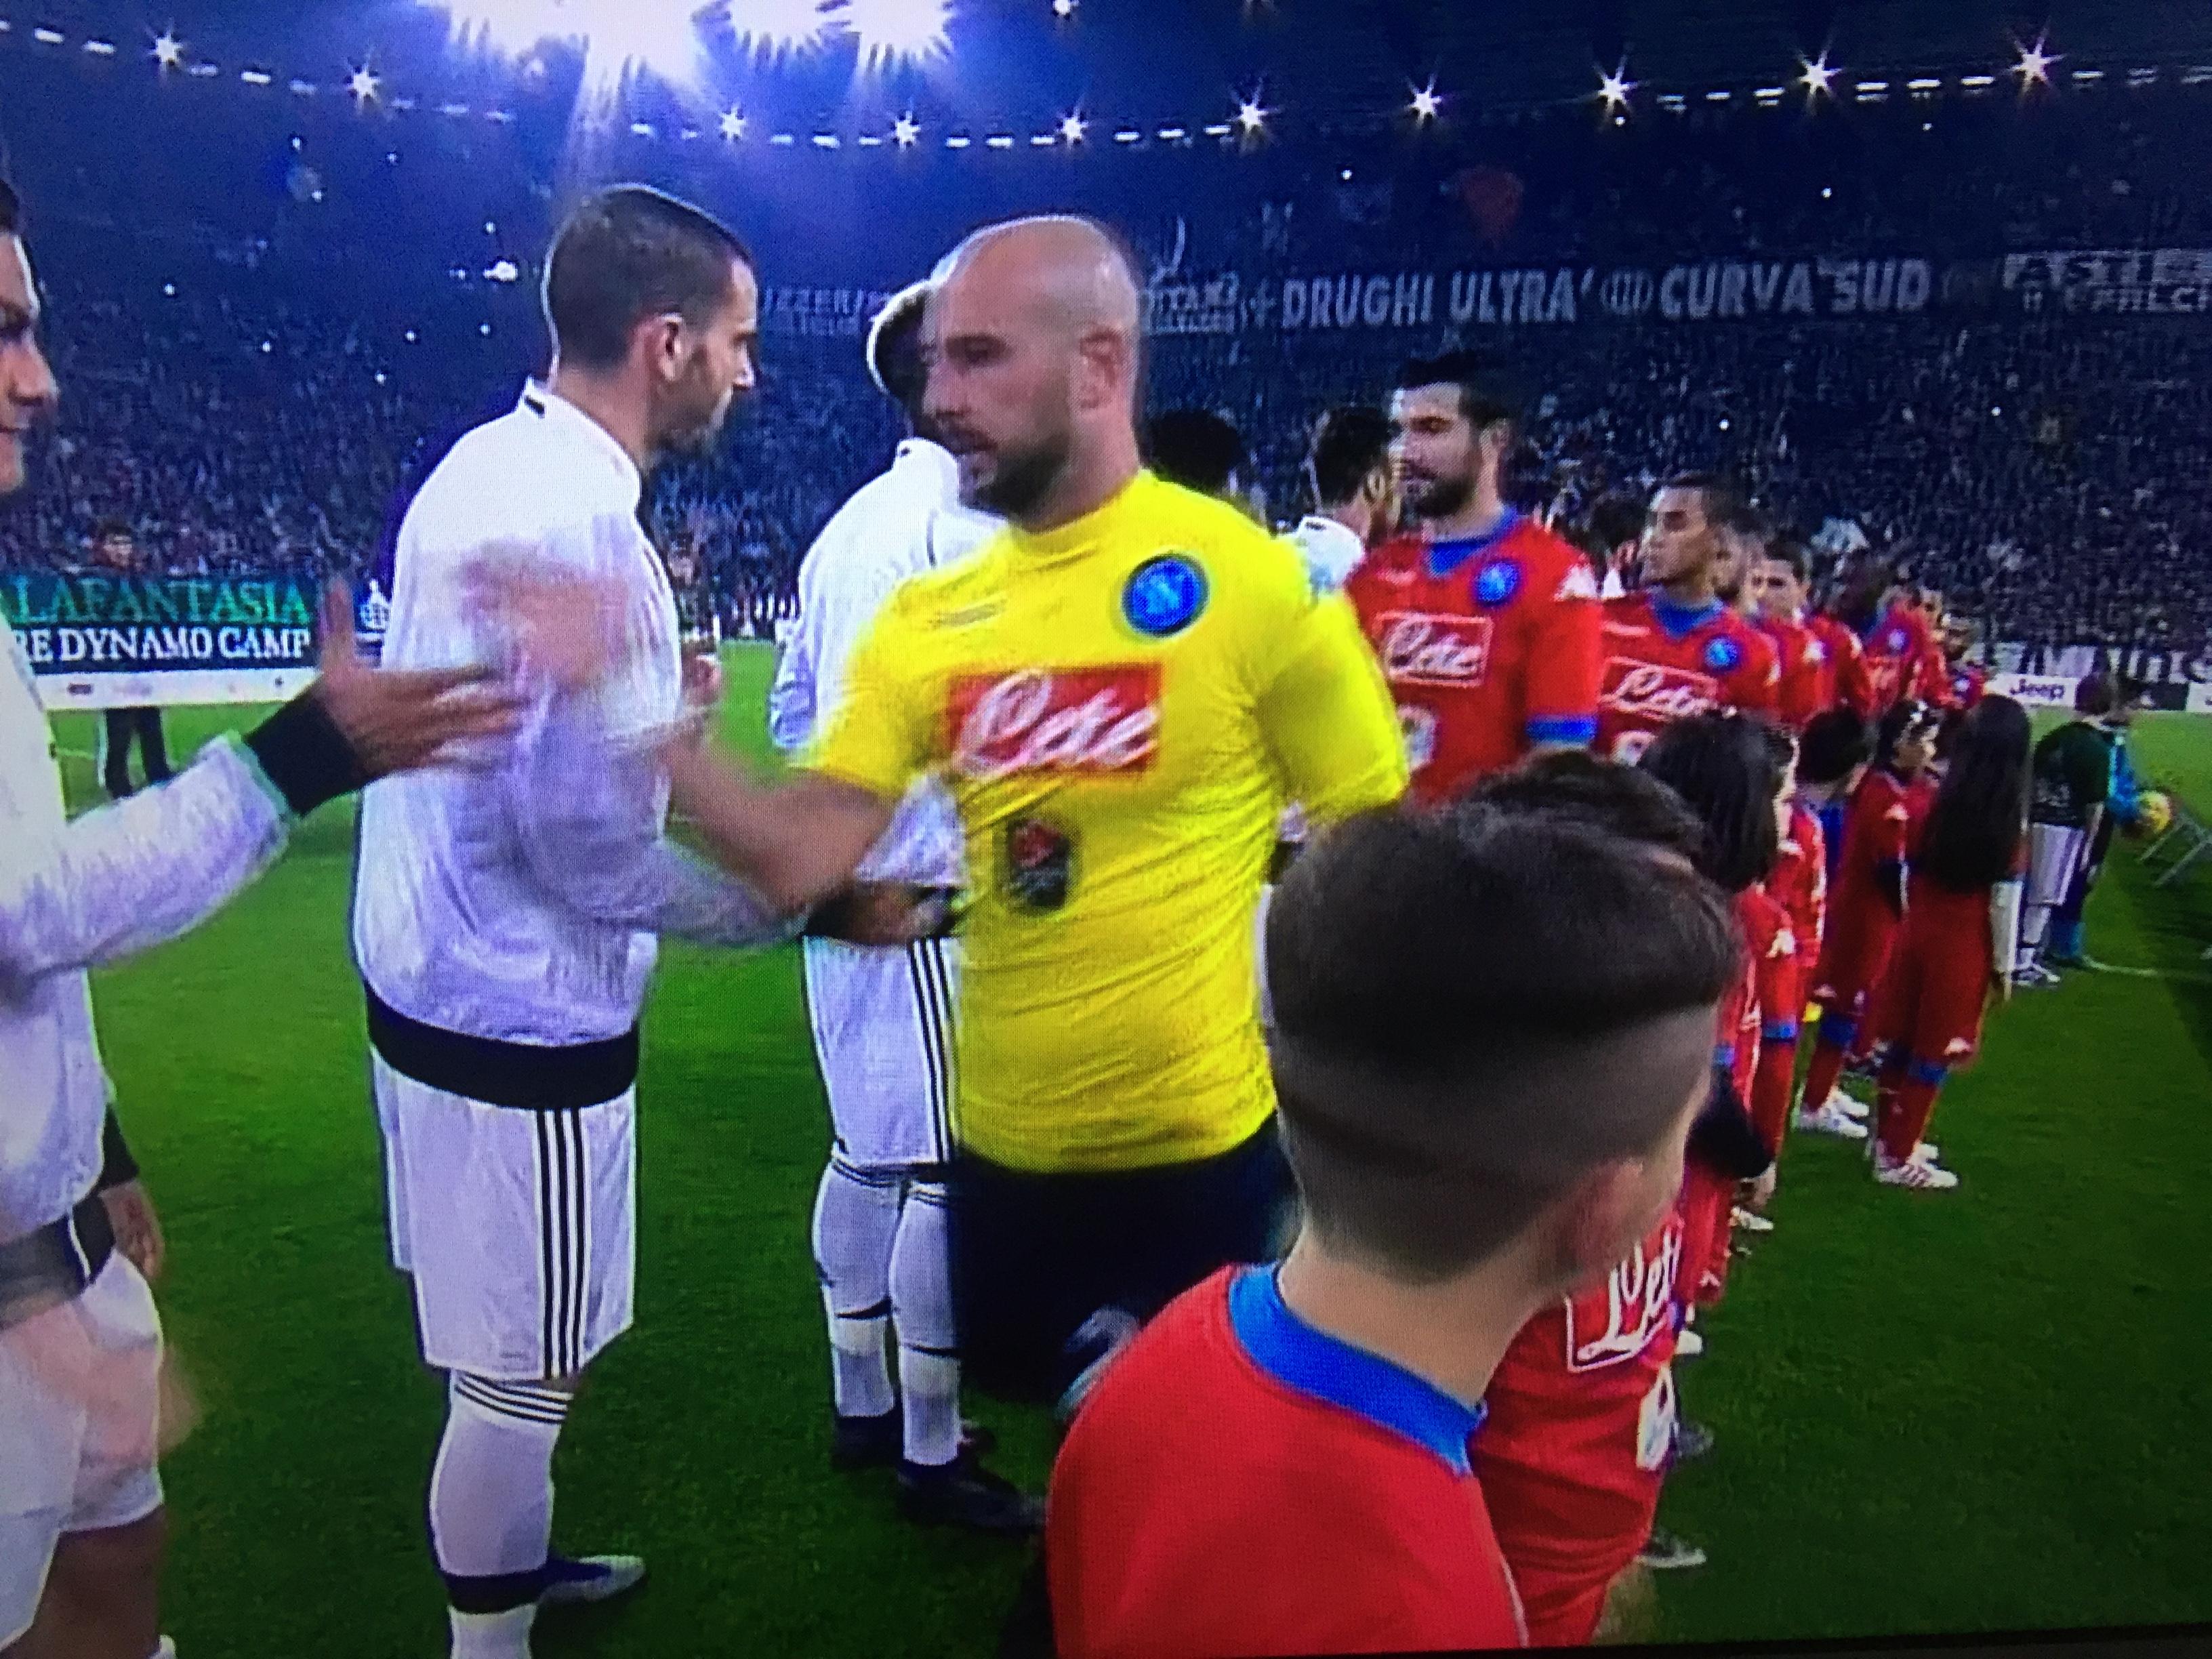 """Per La Stampa la Juventus compie il """"delitto perfetto"""""""